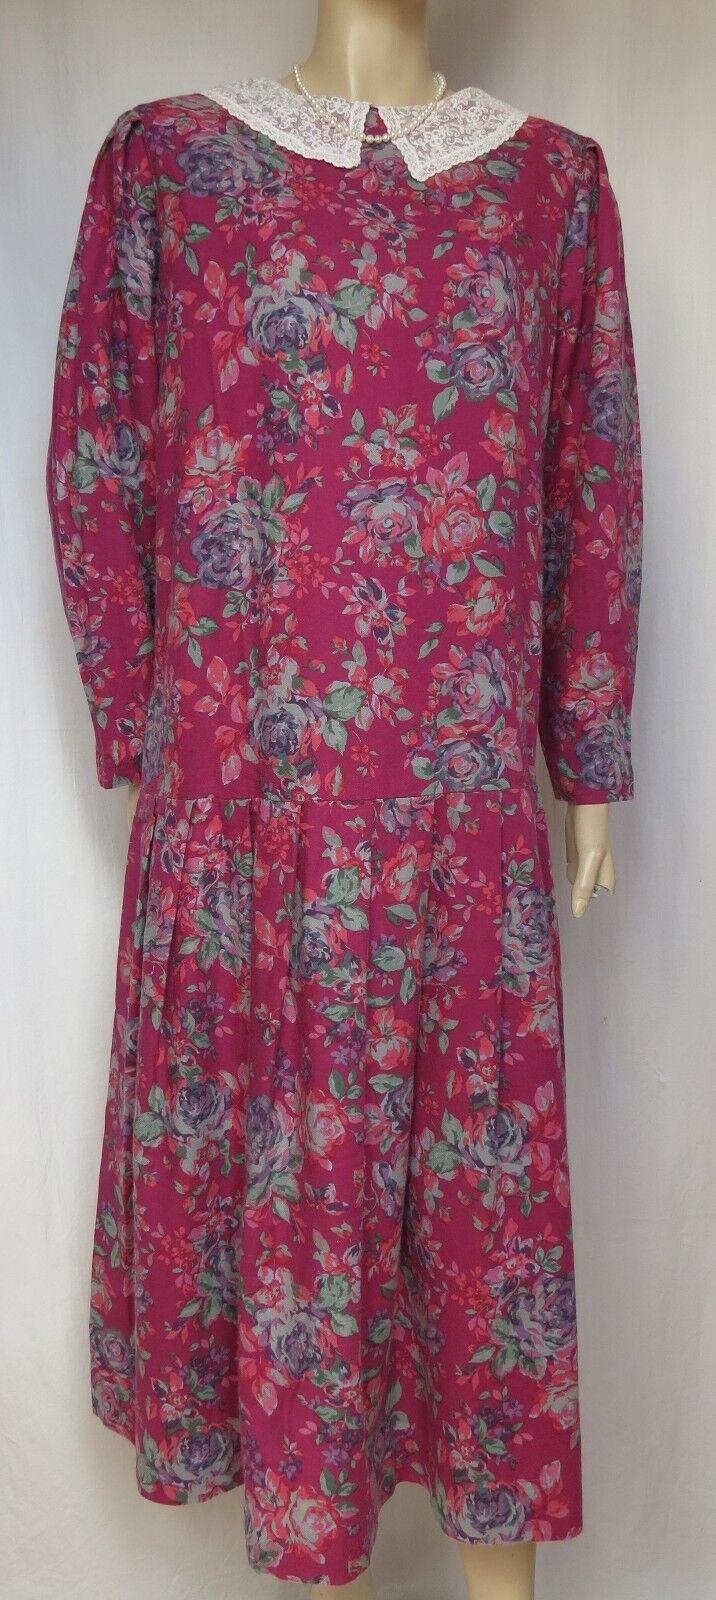 Laura Ashley Kleid Kleid Kleid 42 Rosan Blaumen Spitzenkragen lila Rosa grün m. Wolle vintage | Bekannt für seine gute Qualität  | New Product 2019  cbe539